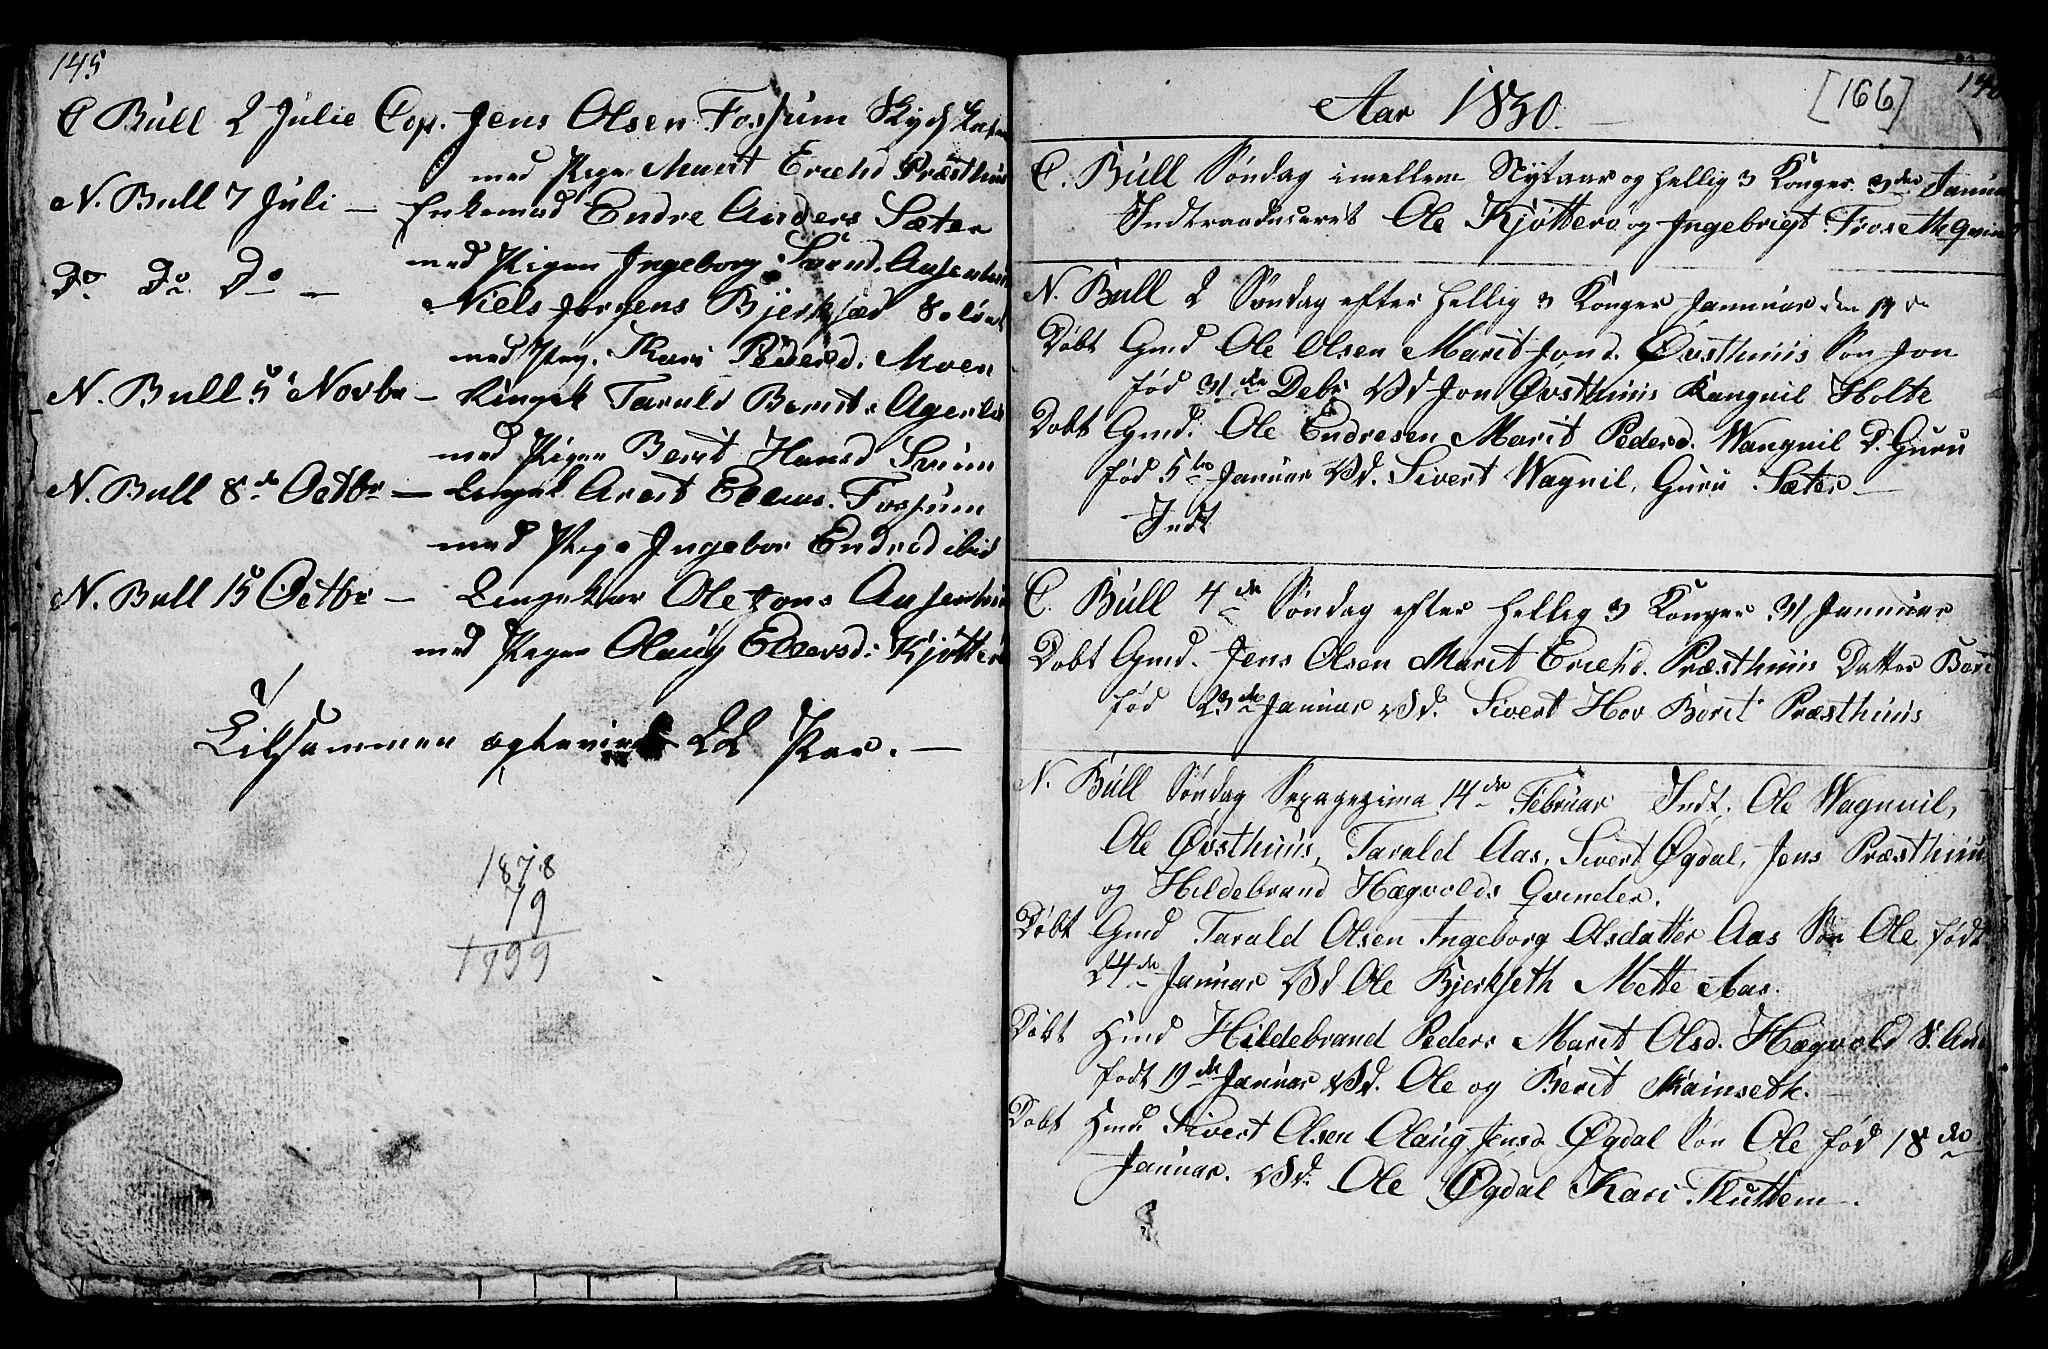 SAT, Ministerialprotokoller, klokkerbøker og fødselsregistre - Sør-Trøndelag, 689/L1042: Klokkerbok nr. 689C01, 1812-1841, s. 165-166